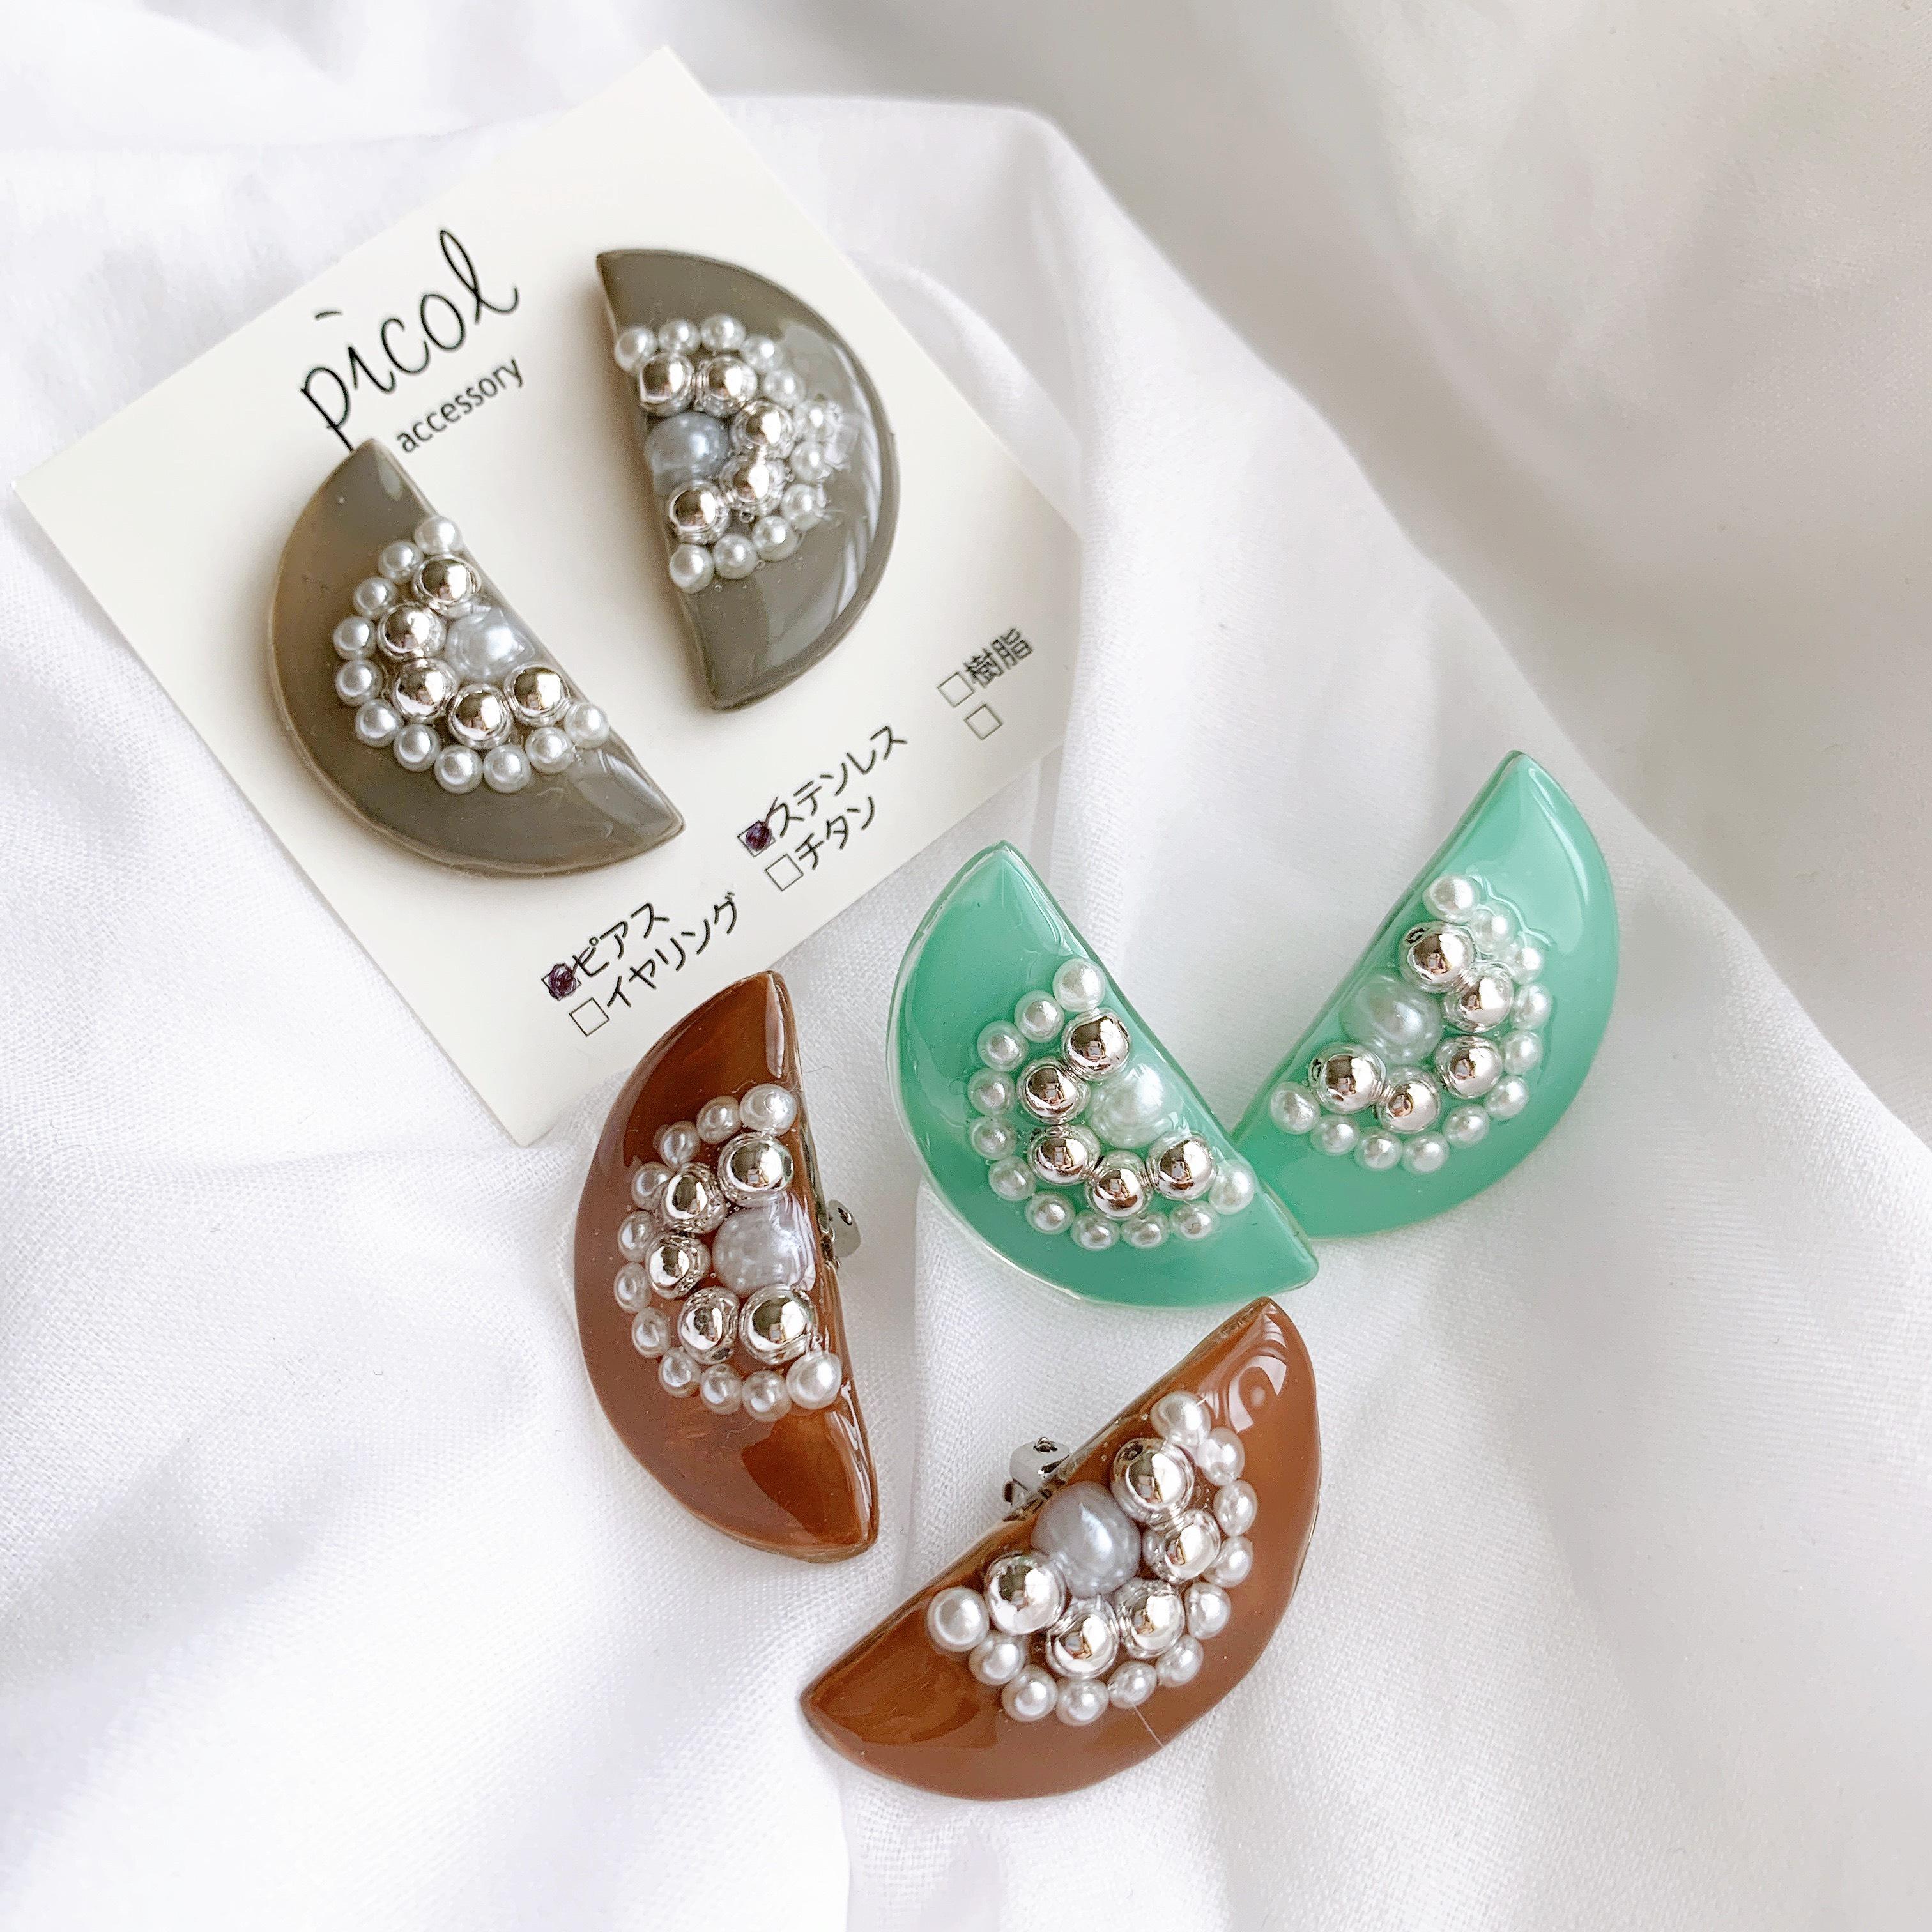 picol accessory